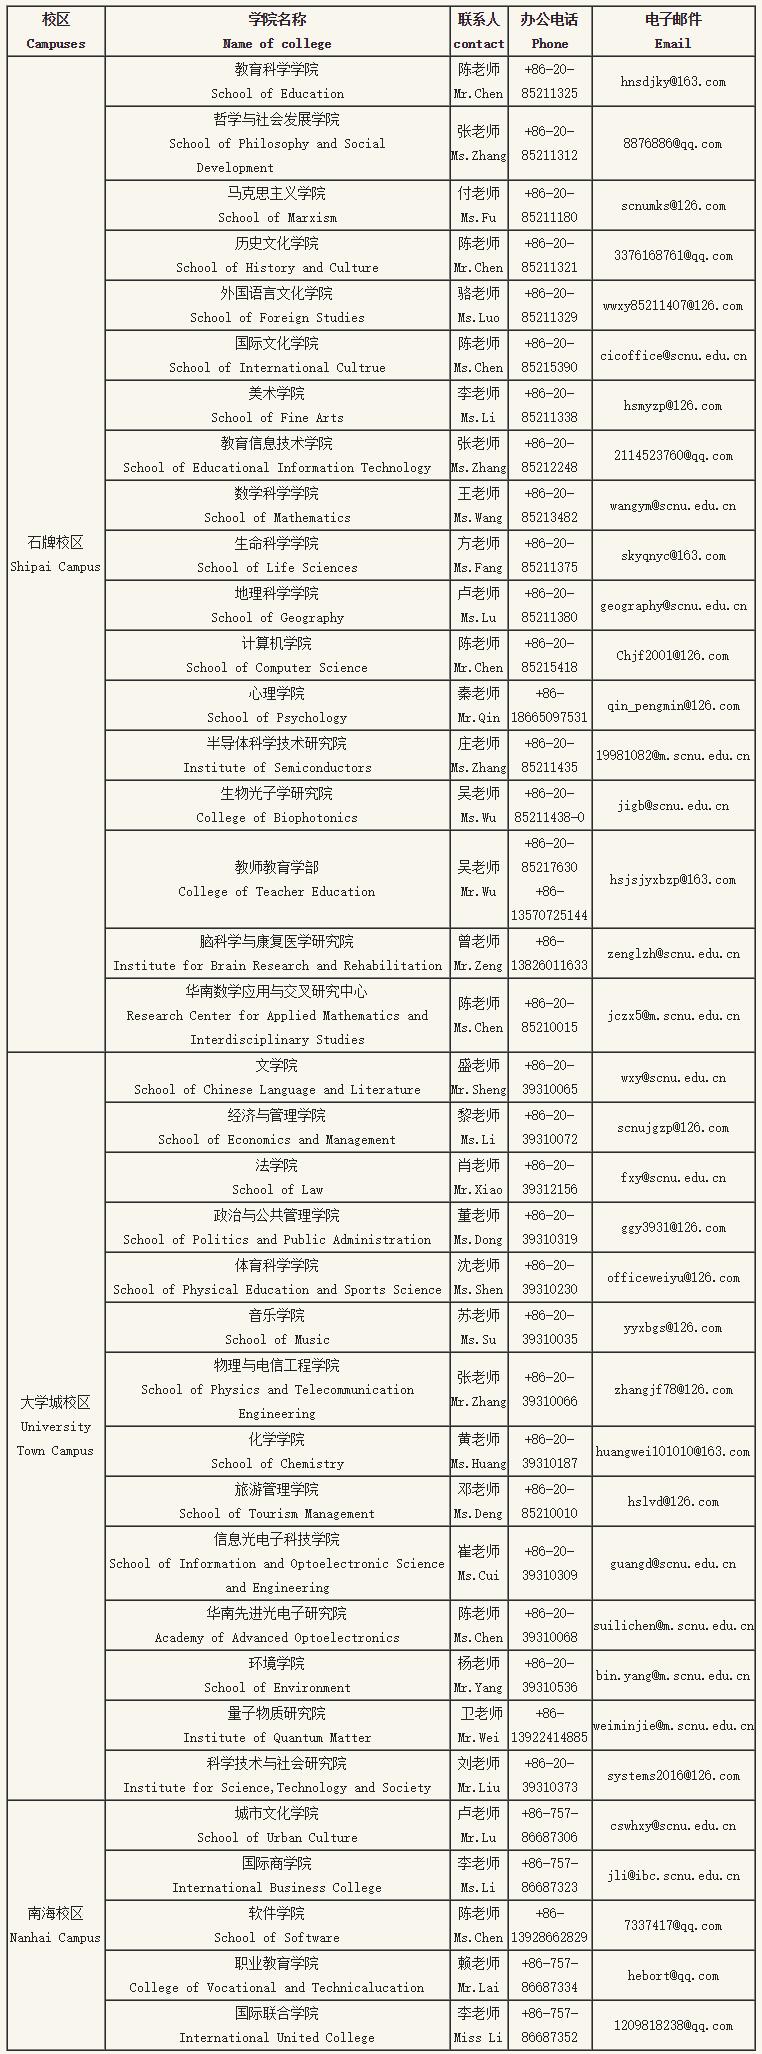 科学网-华南师范大学诚聘海内外优秀人才